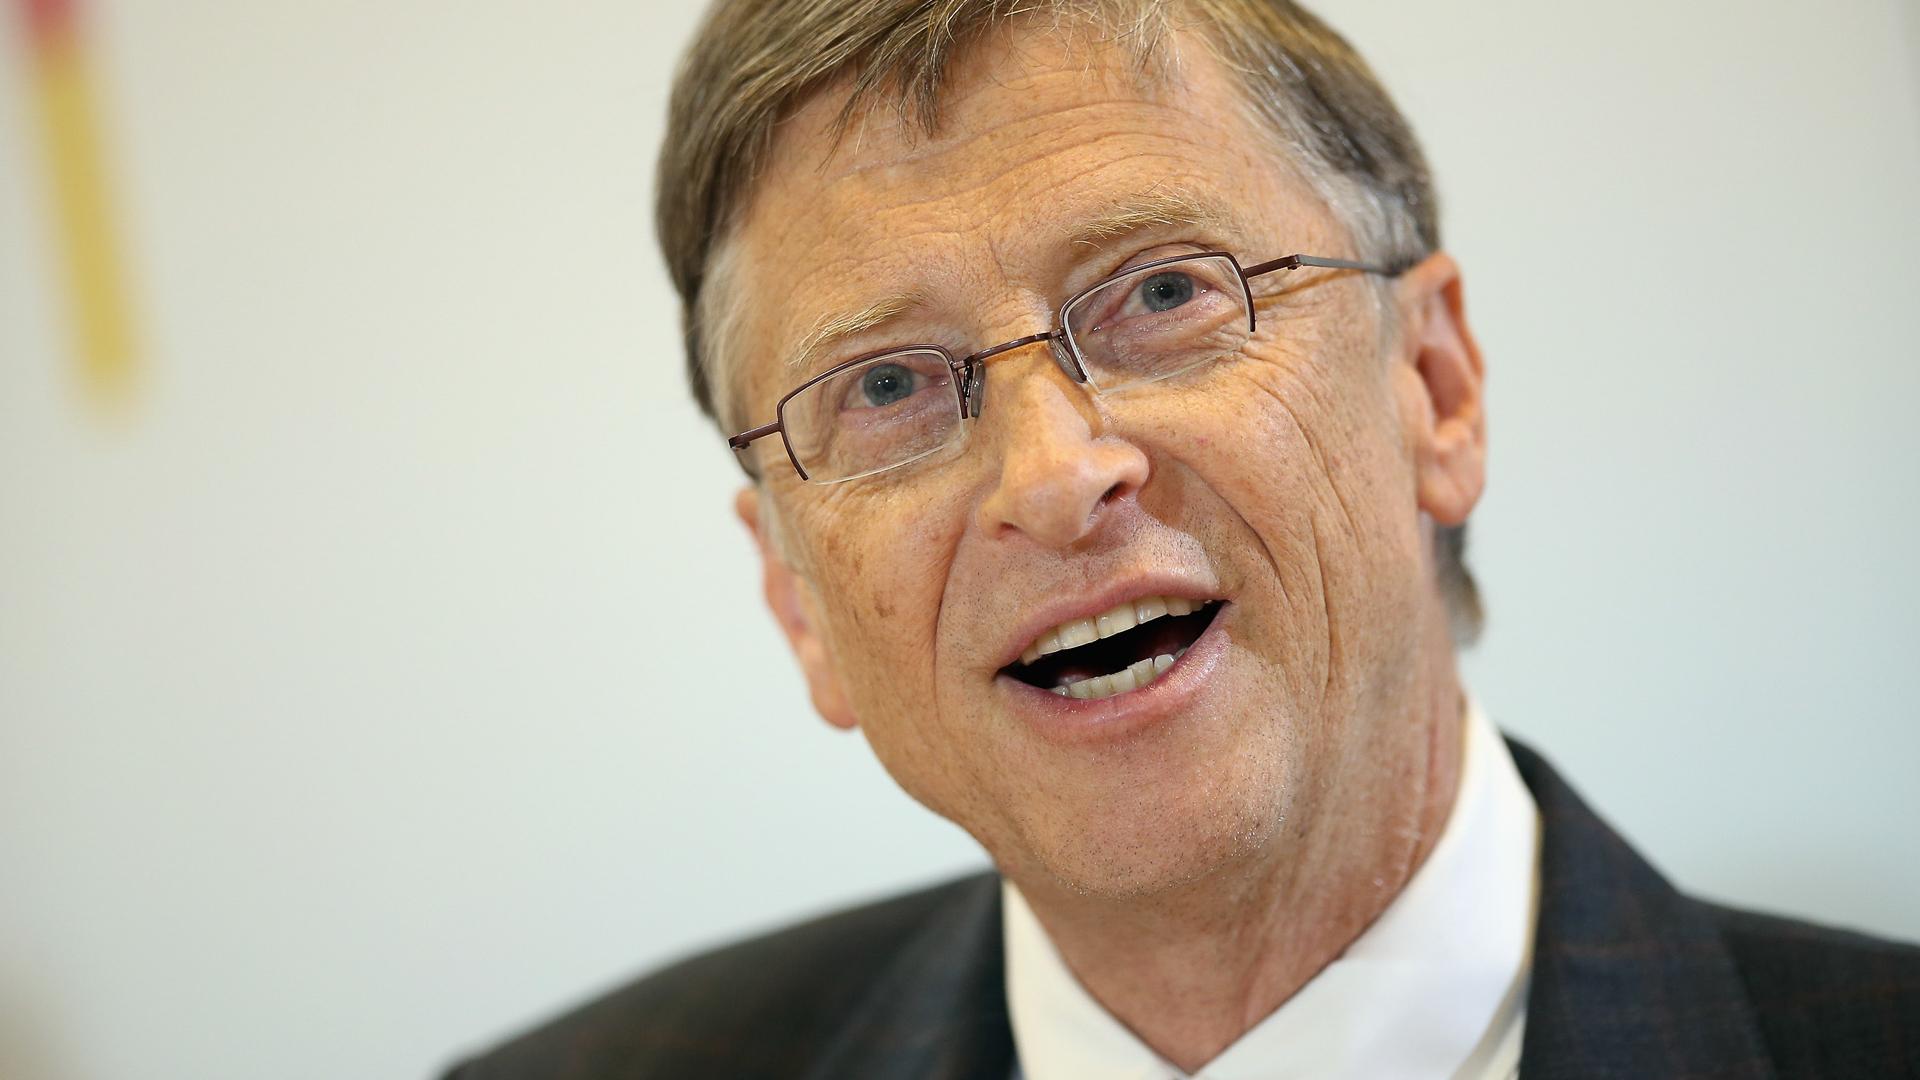 10 Ways Bill Gates Built His $876 Billion Fortune